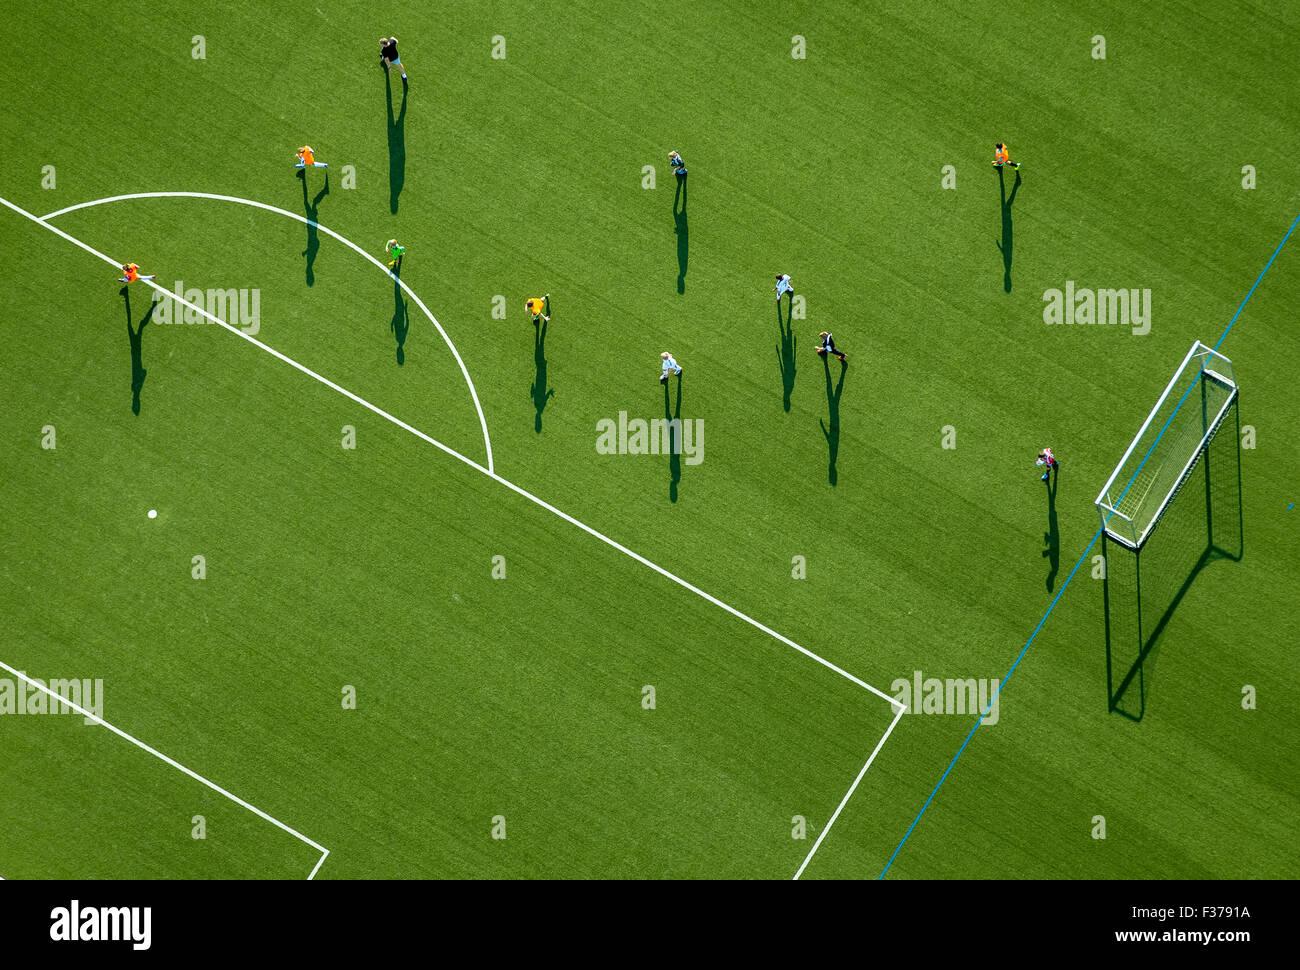 Fußball-Training auf einem Sportplatz, Stadion in Haßlinghausen, Sprockhövel, Nordrhein-Westfalen, Stockbild